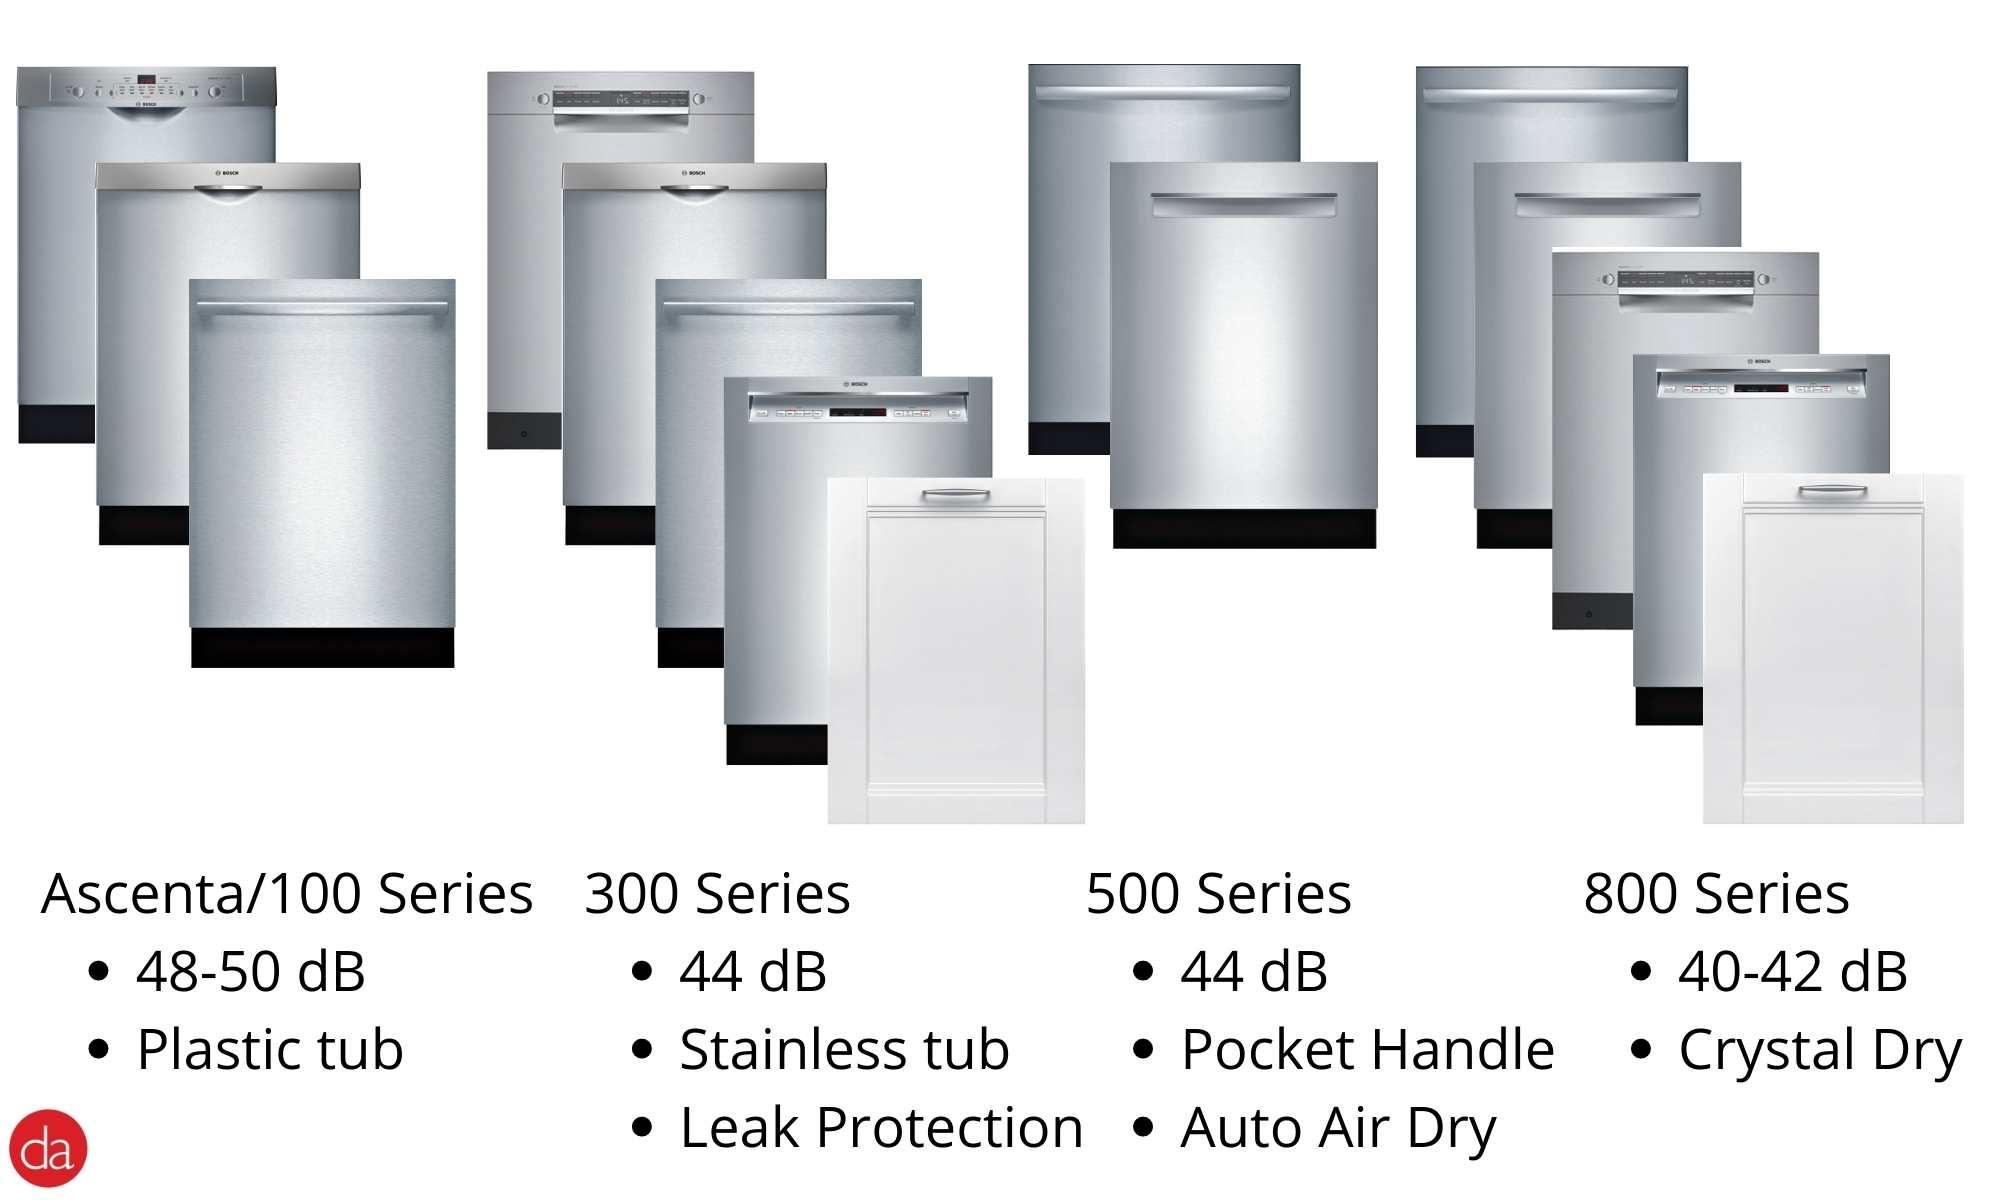 Bosch dishwasher 100 vs 300 vs 500 vs 800 series